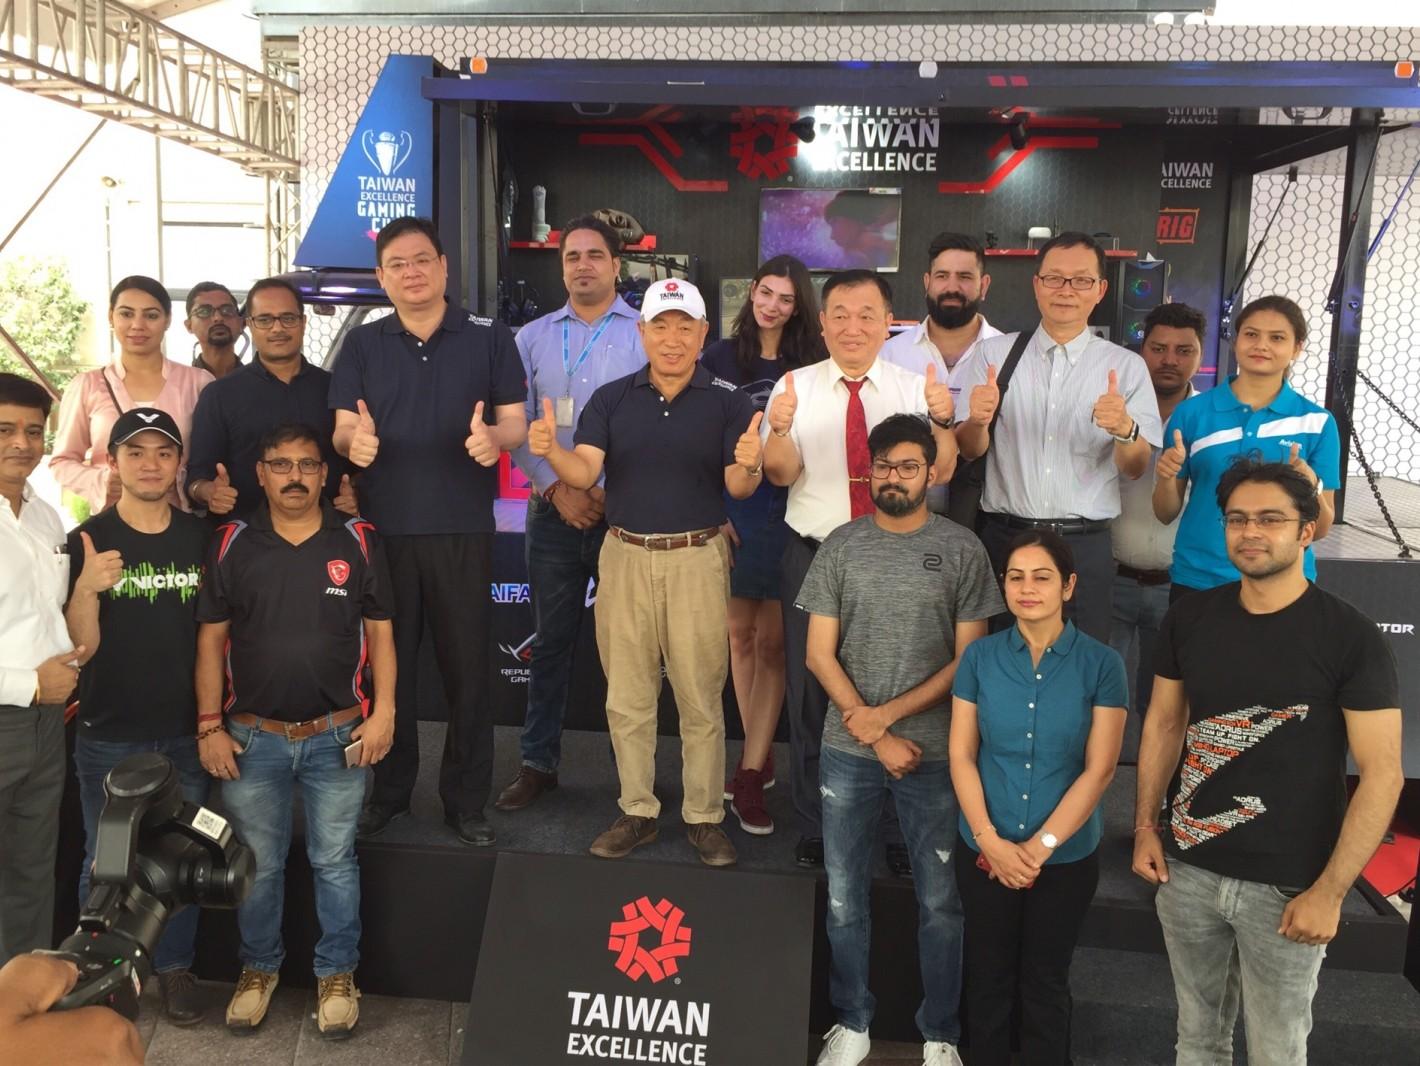 駐印度台北經濟文化中心大使田中光於體驗車前與眾品牌代表合影